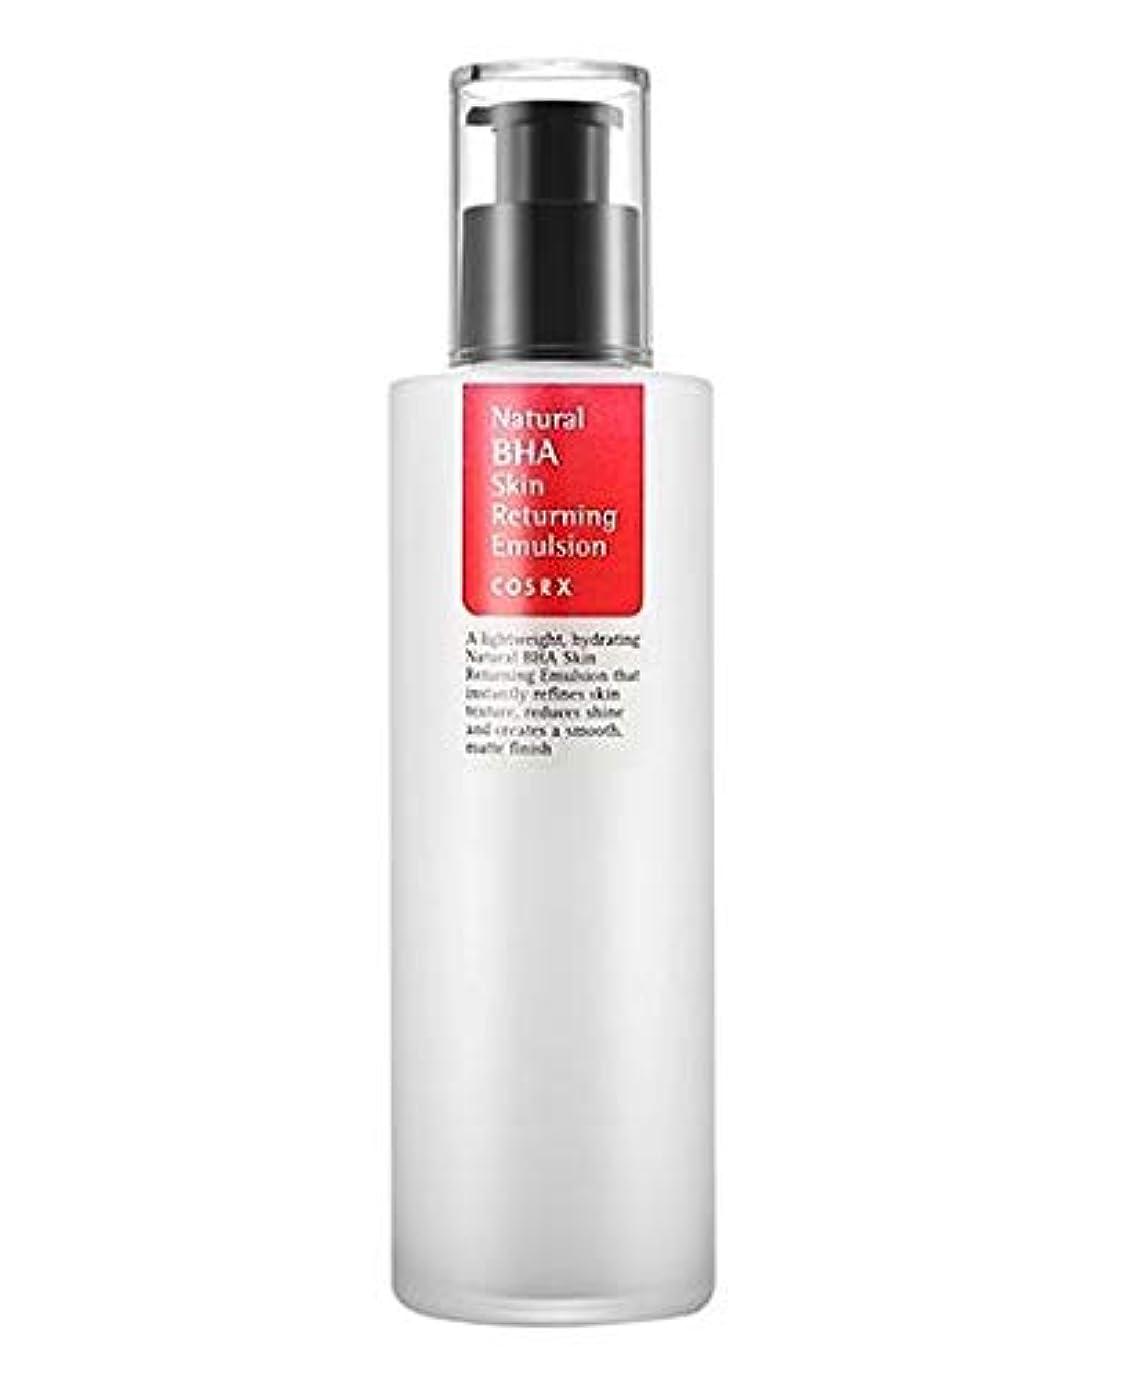 鳴り響く時間とともにアシスタントCOSRX Natural BHA Skin Returning Emulsion (並行輸入品)